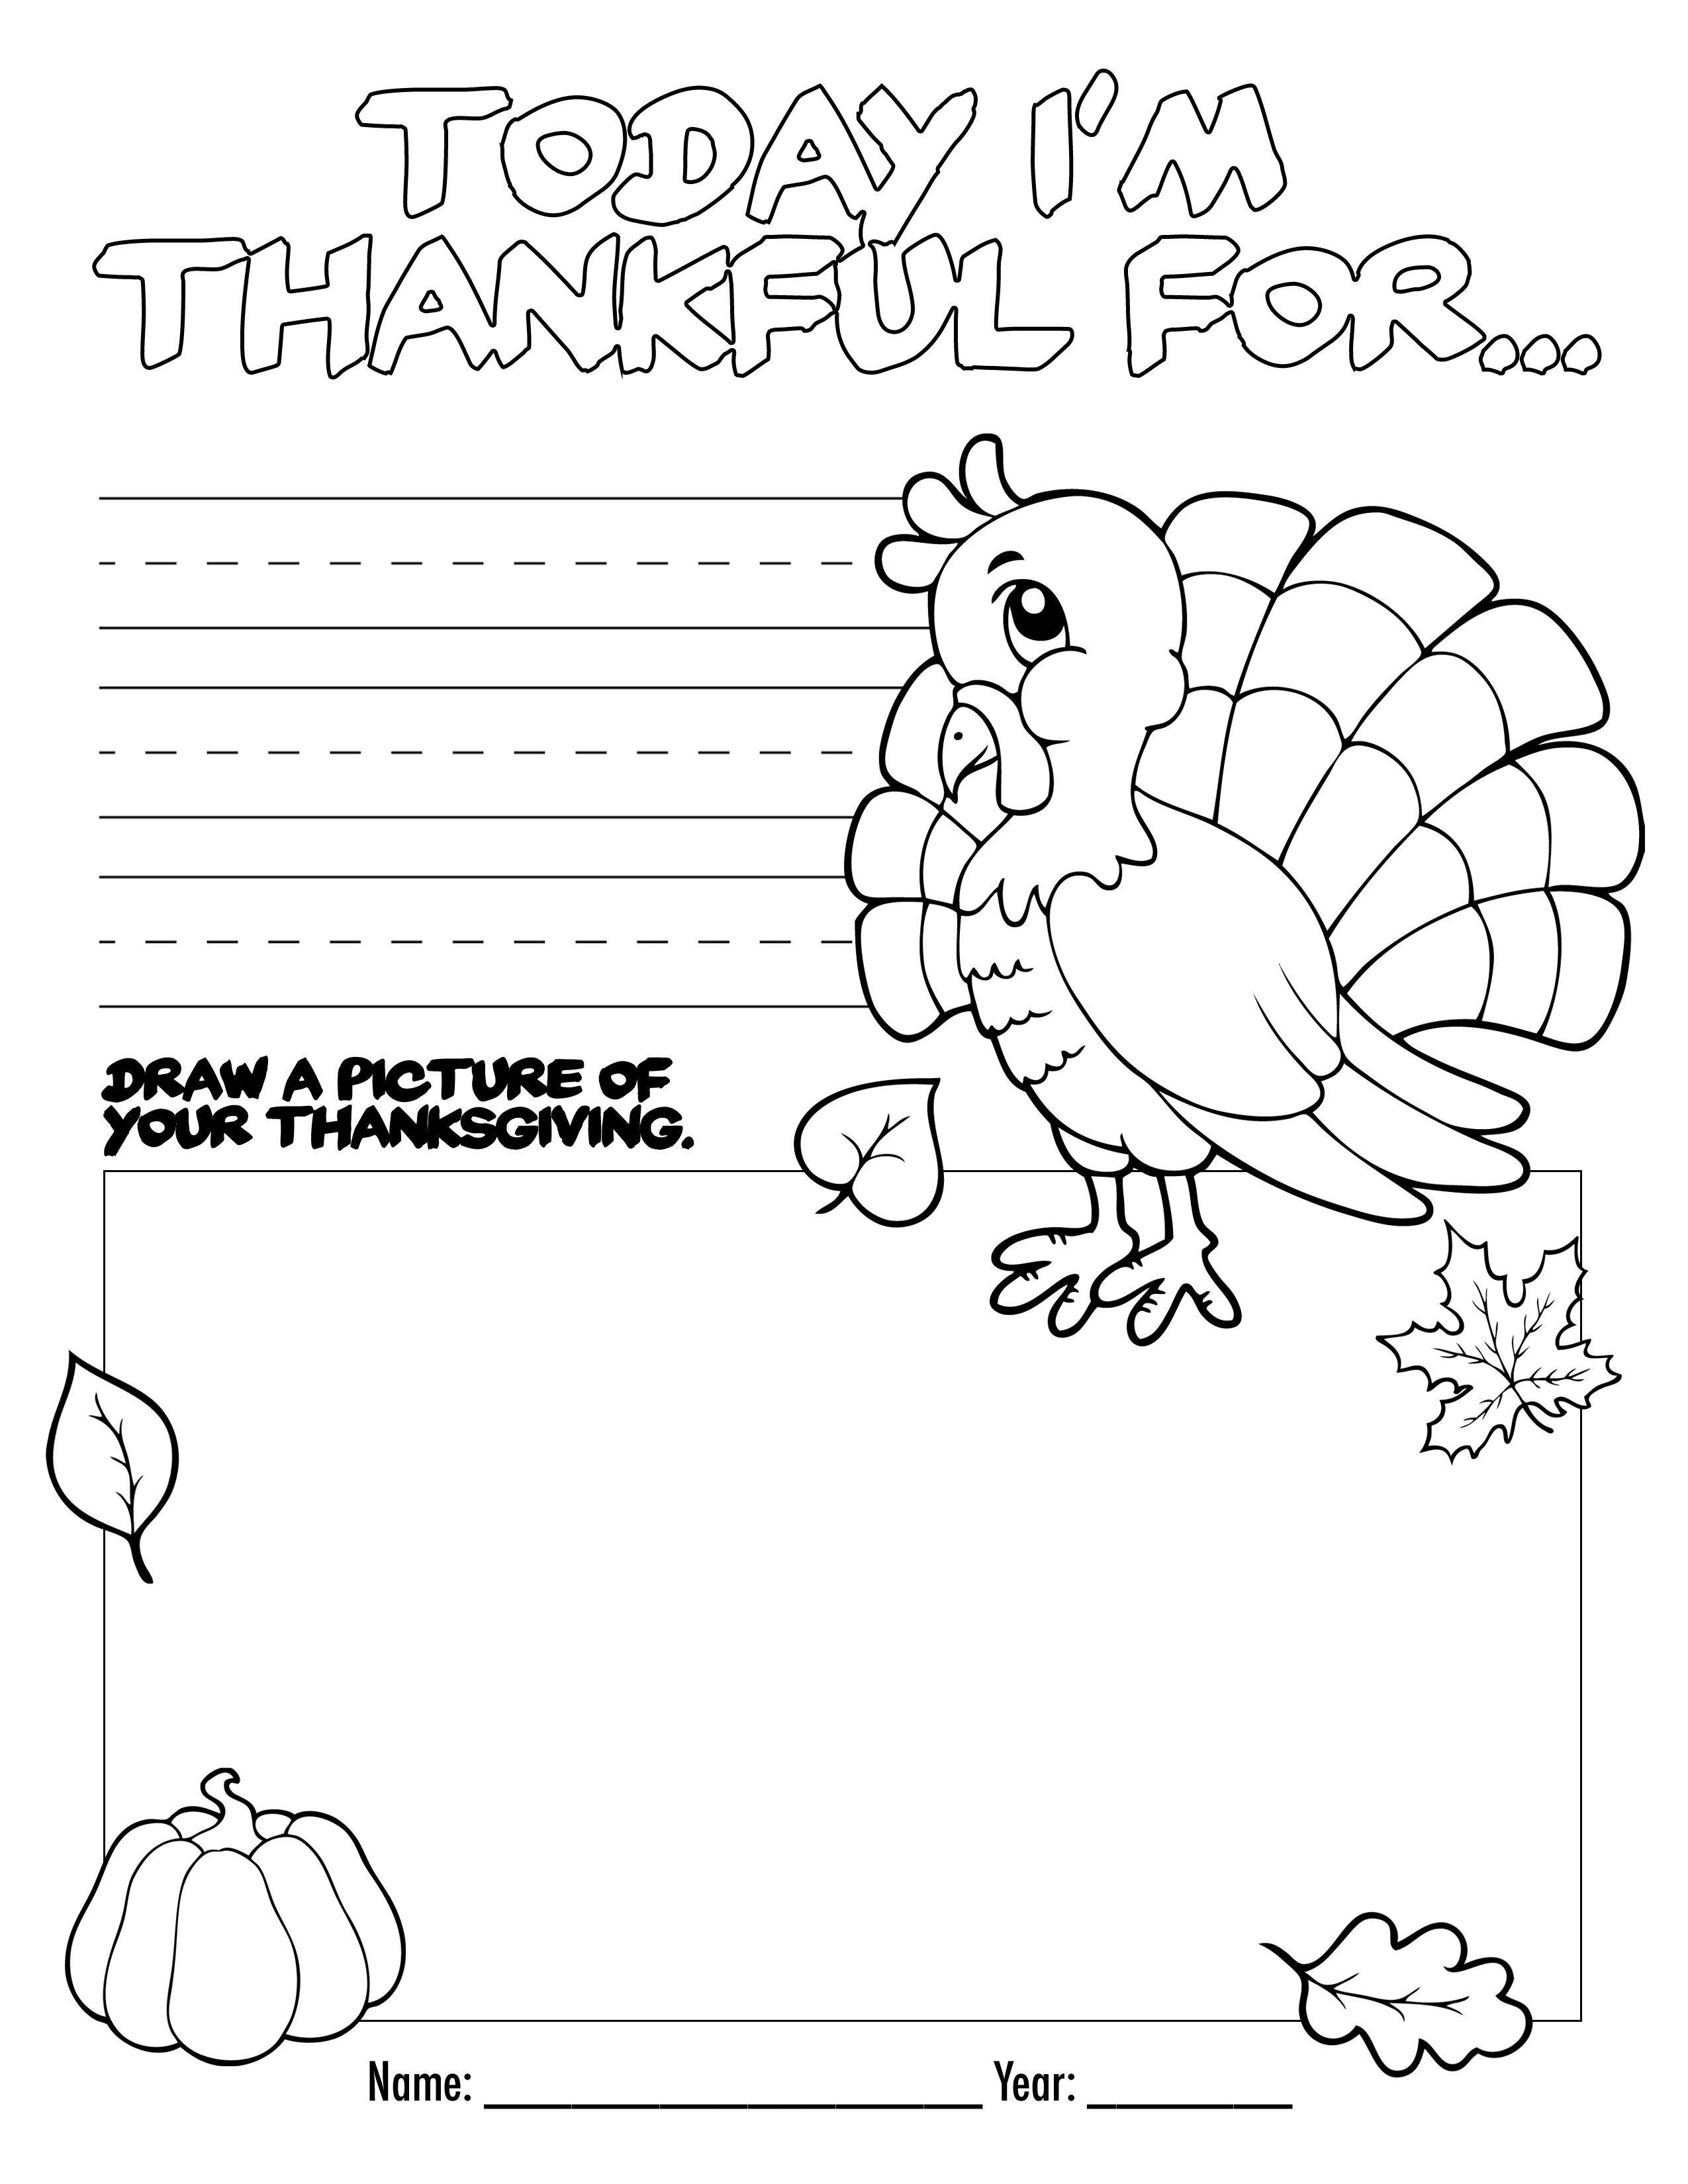 Free Printable Activities For Kindergarten Thanksgiving | Printable - Free Printable Thanksgiving Activities For Preschoolers